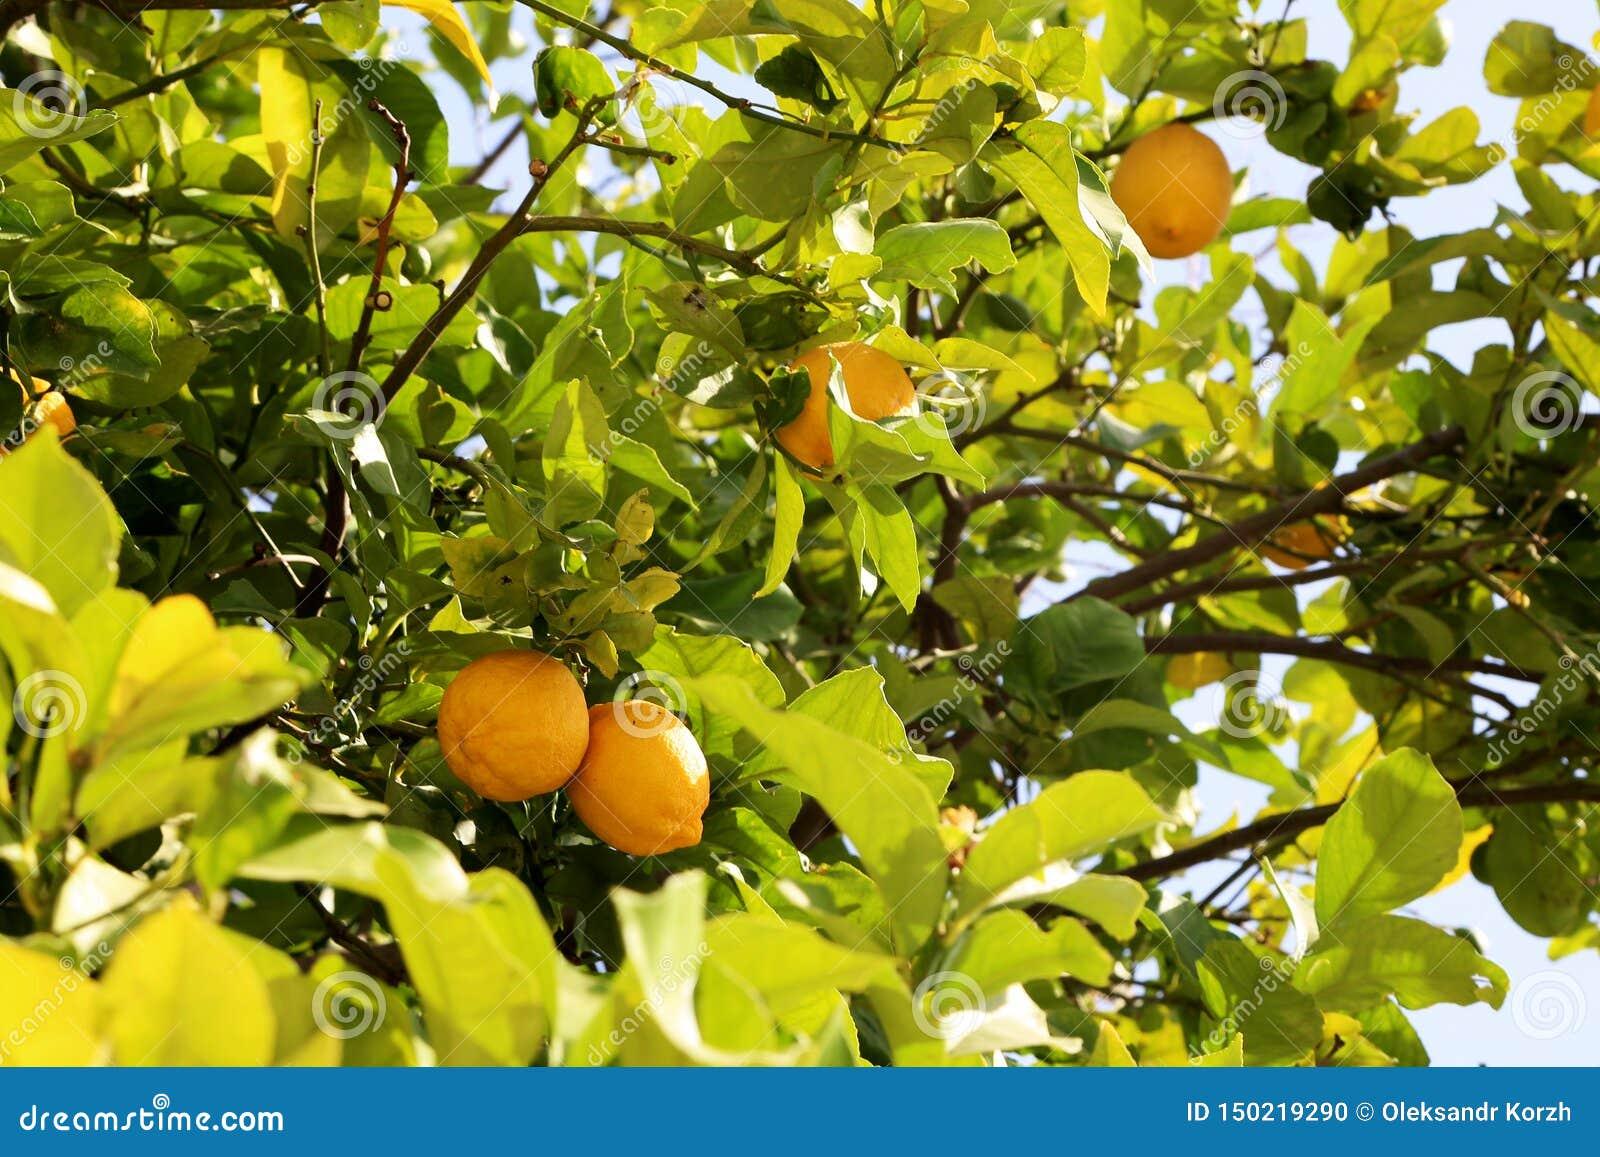 Bündel der frischen gelben reifen Zitronen auf Zitronenbaum